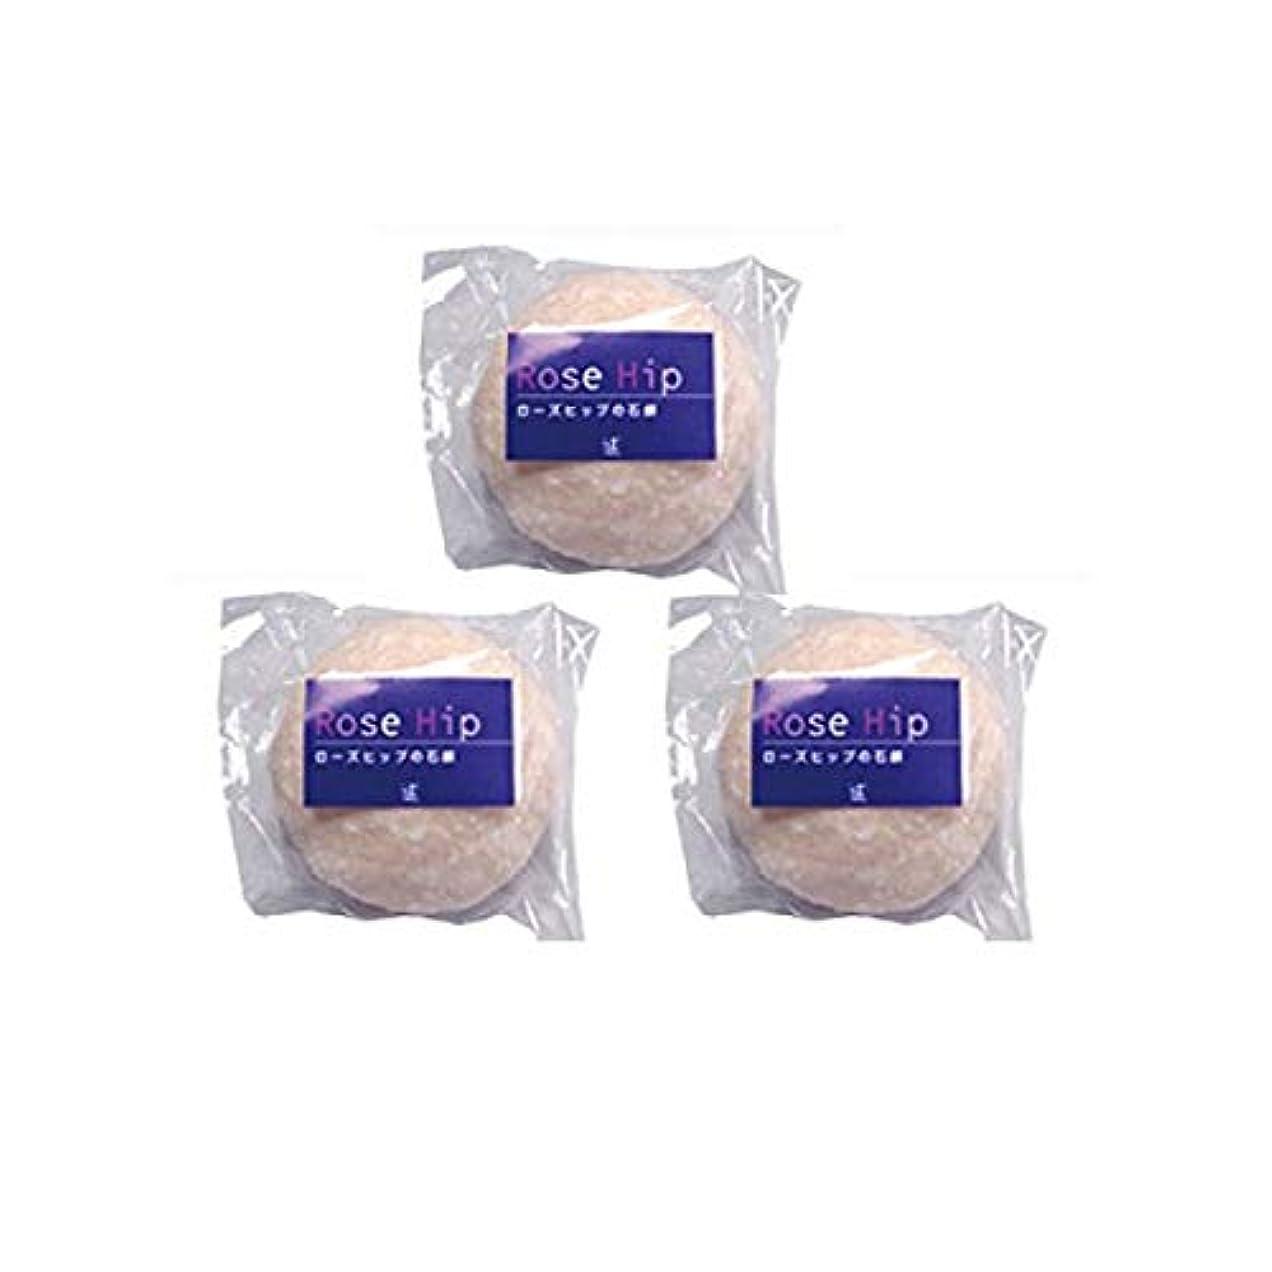 ティームタイピスト住む山澤清ローズヒップ石鹸3個セット(70g×3個)スパール山澤清のローズヒップ無添加洗顔石鹸